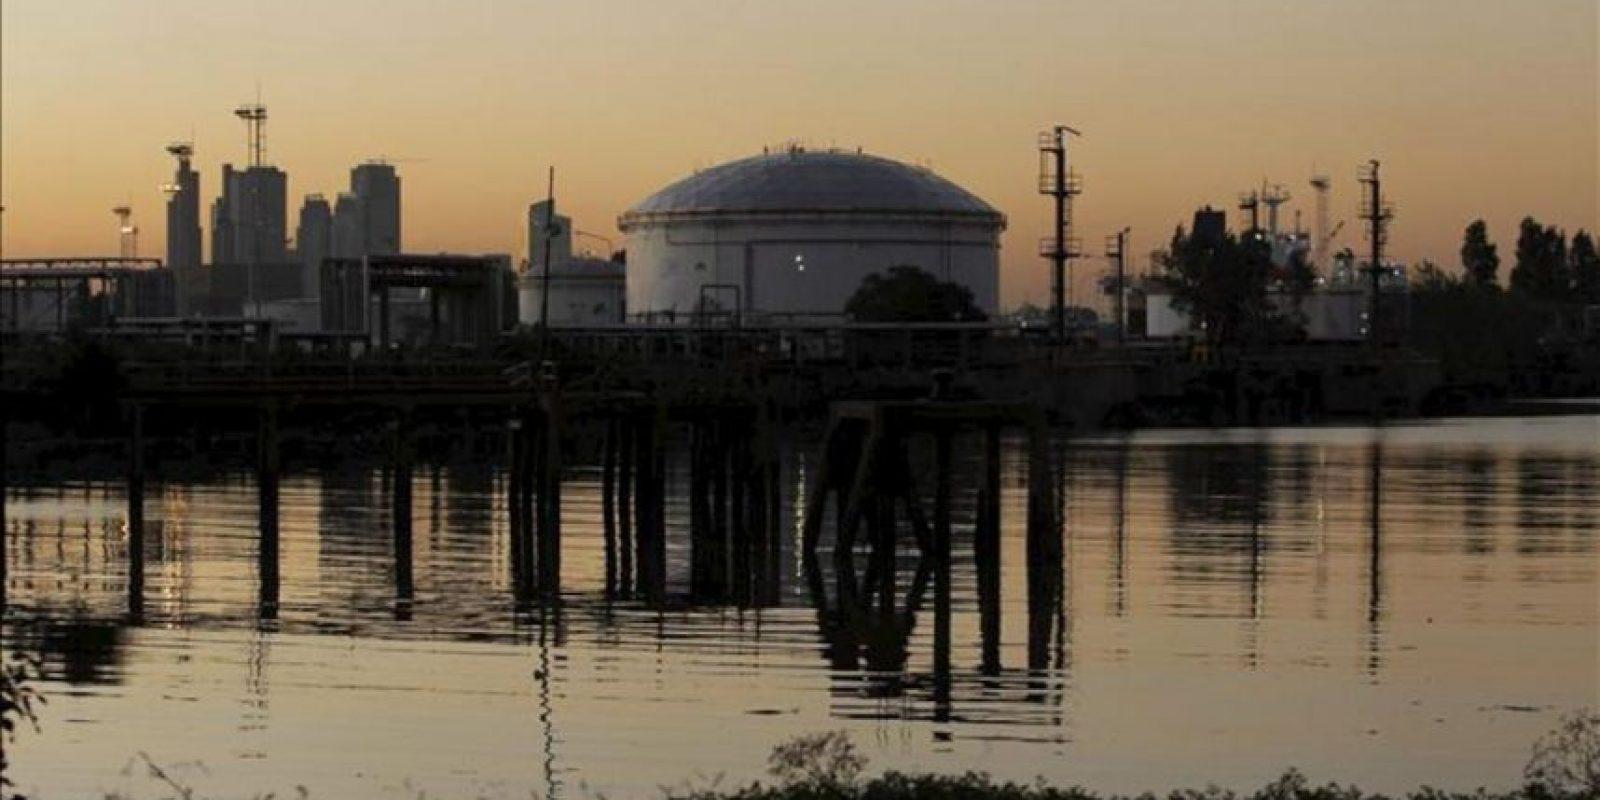 Vista de las instalaciones de la Terminal Dock Sud, de la petrolera YPF, en la ciudad de Avellaneda, en la provincia de Buenos Aires (Argentina). EFE/Archivo